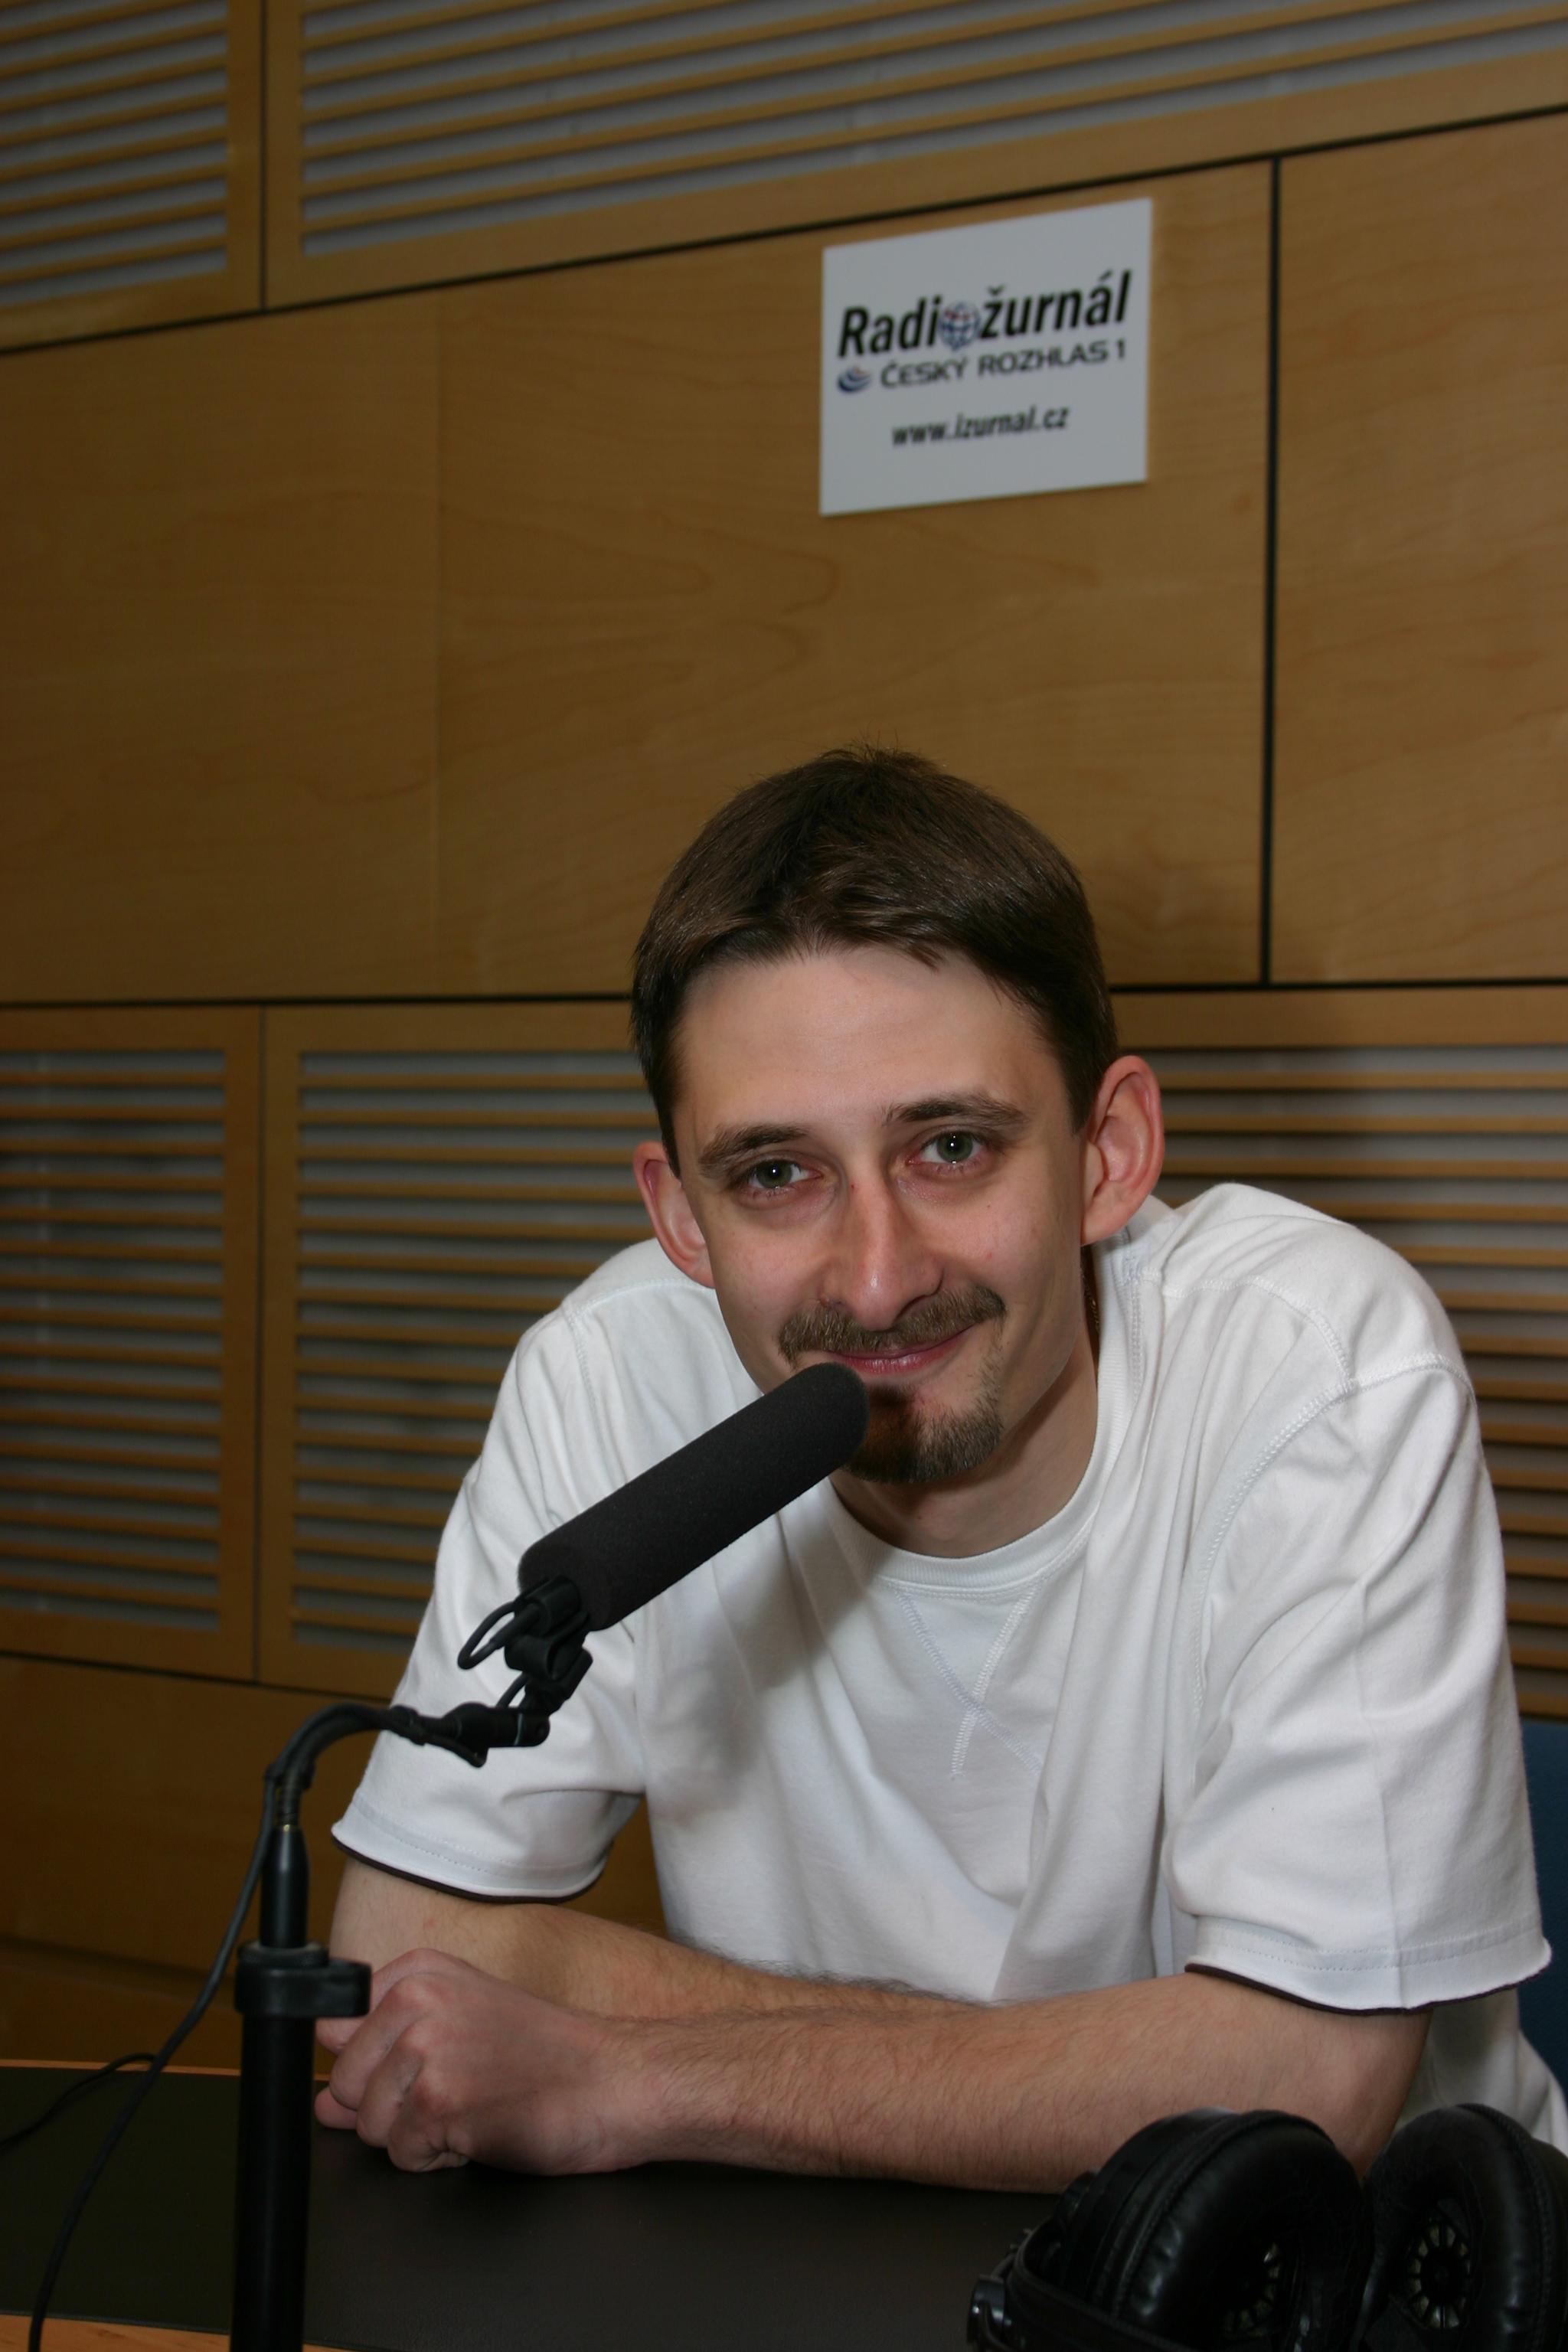 http://www2.rozhlas.cz/foto/060419-25_sport/org00019.jpg